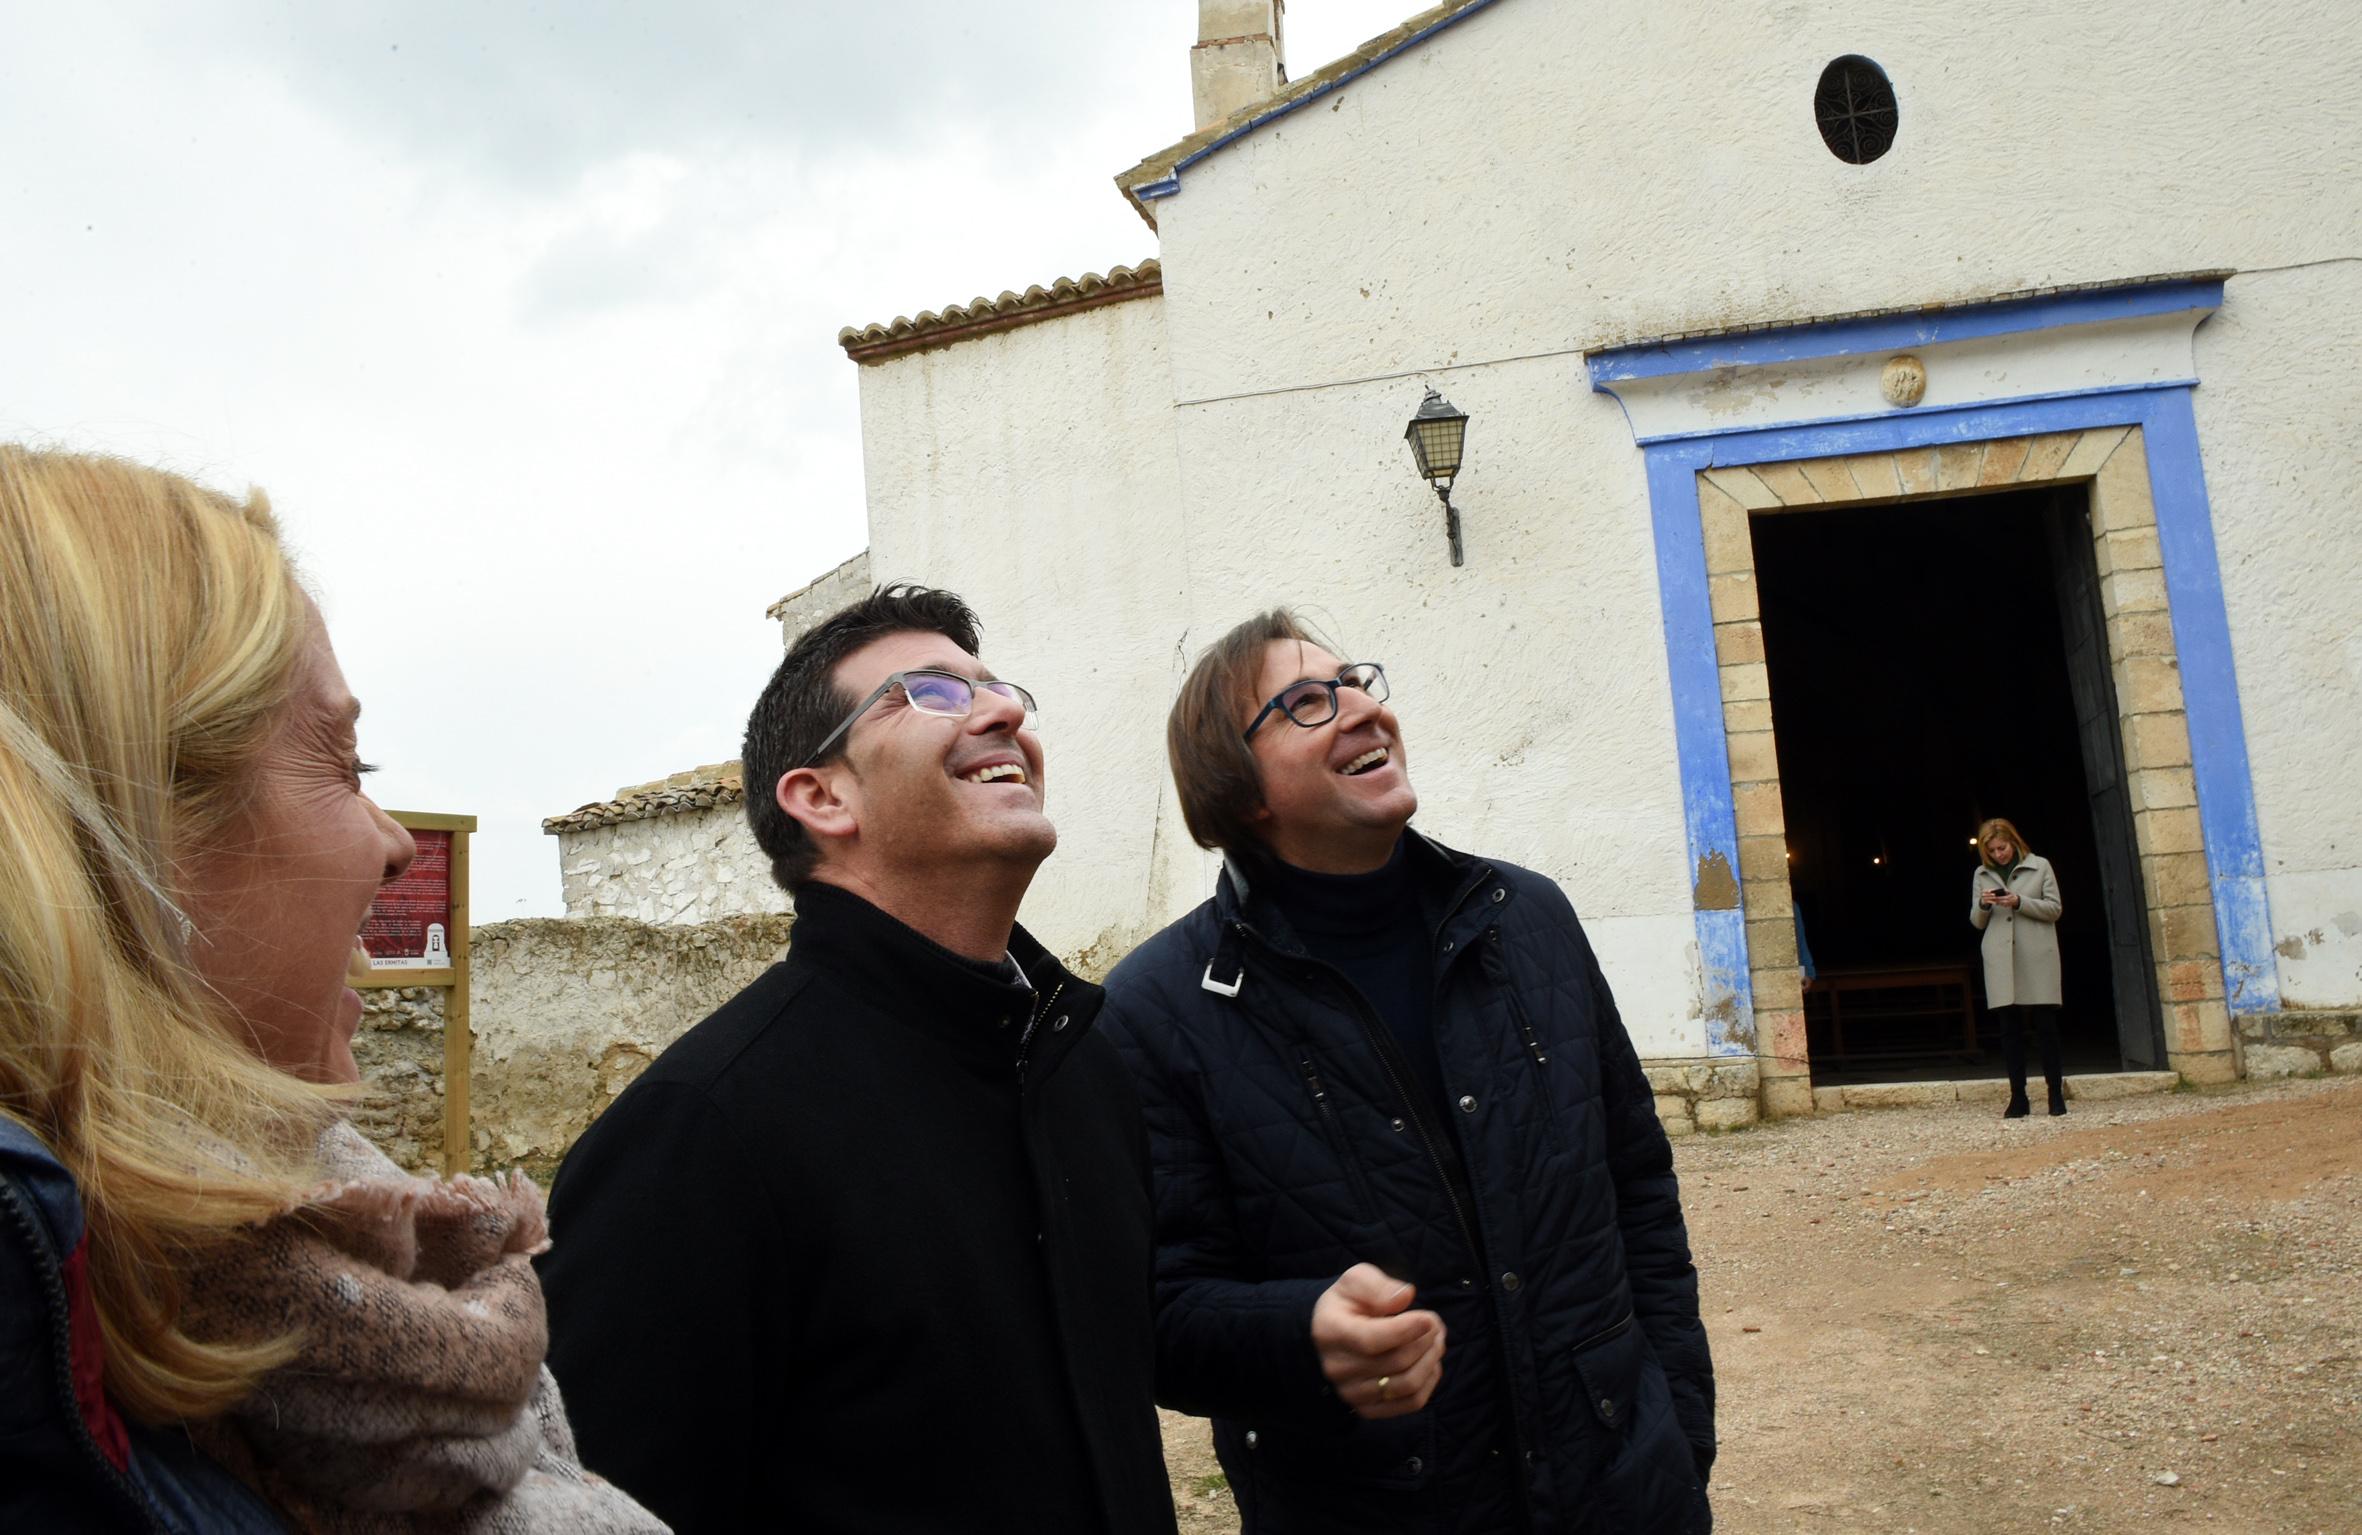 El presidente, Jorge Rodríguez, visita el Teatro Regio y la Ermita de San Blas, donde la corporación ha destinado 200.000 euros para mejorar ambas instalaciones